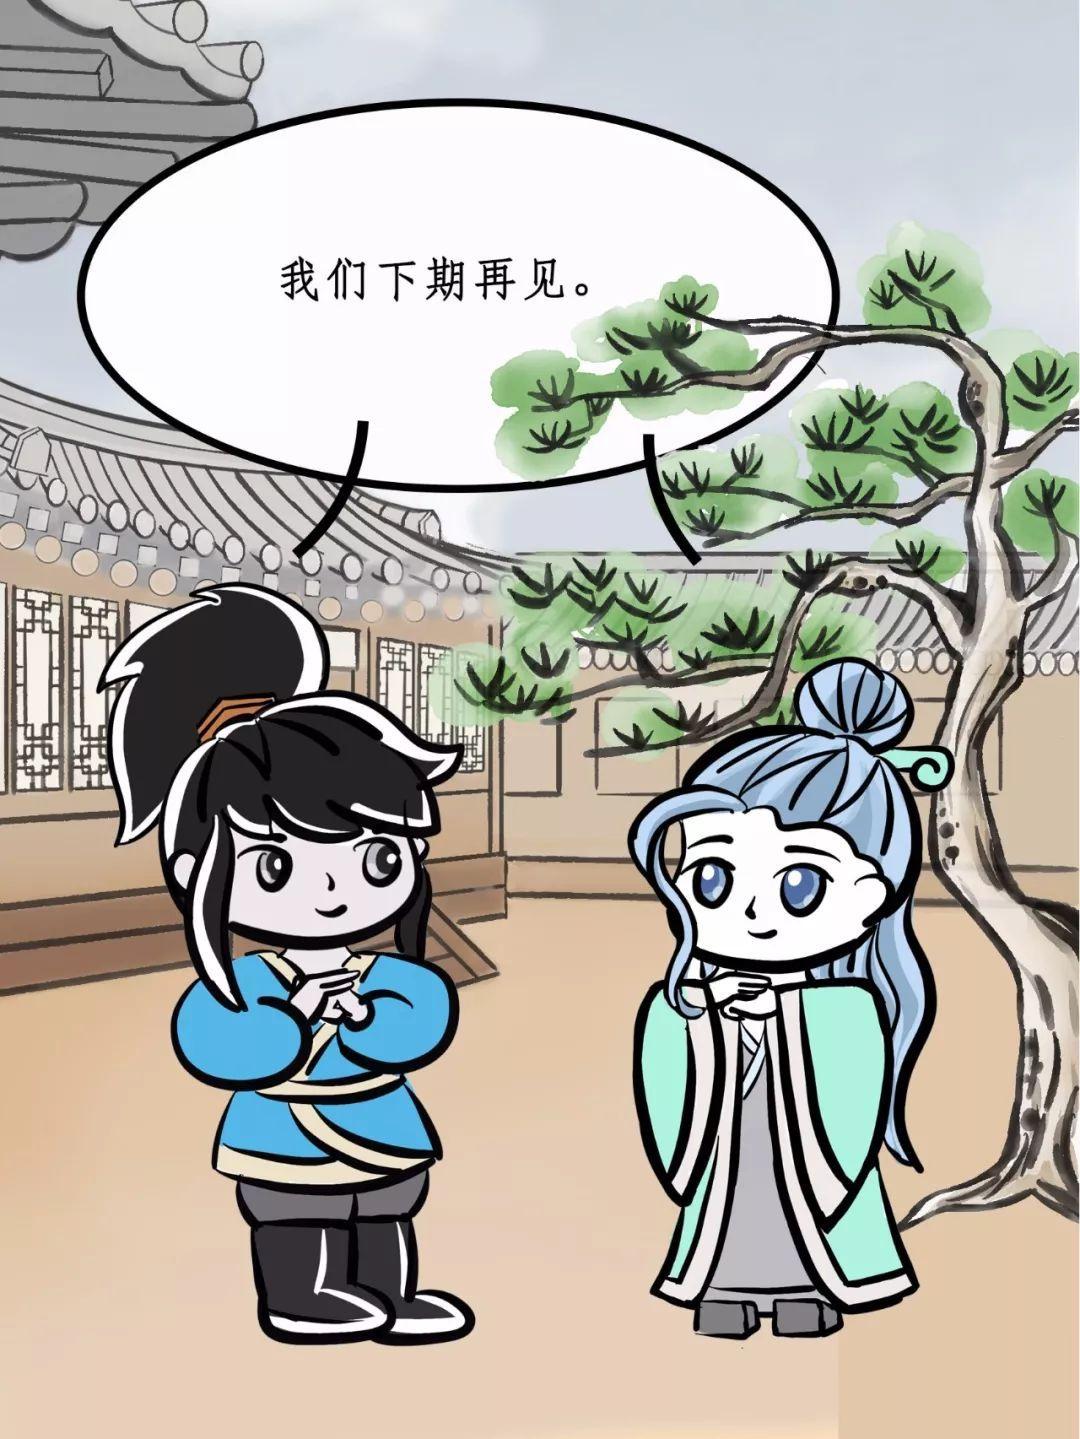 澳门太阳娱乐集团官网 15